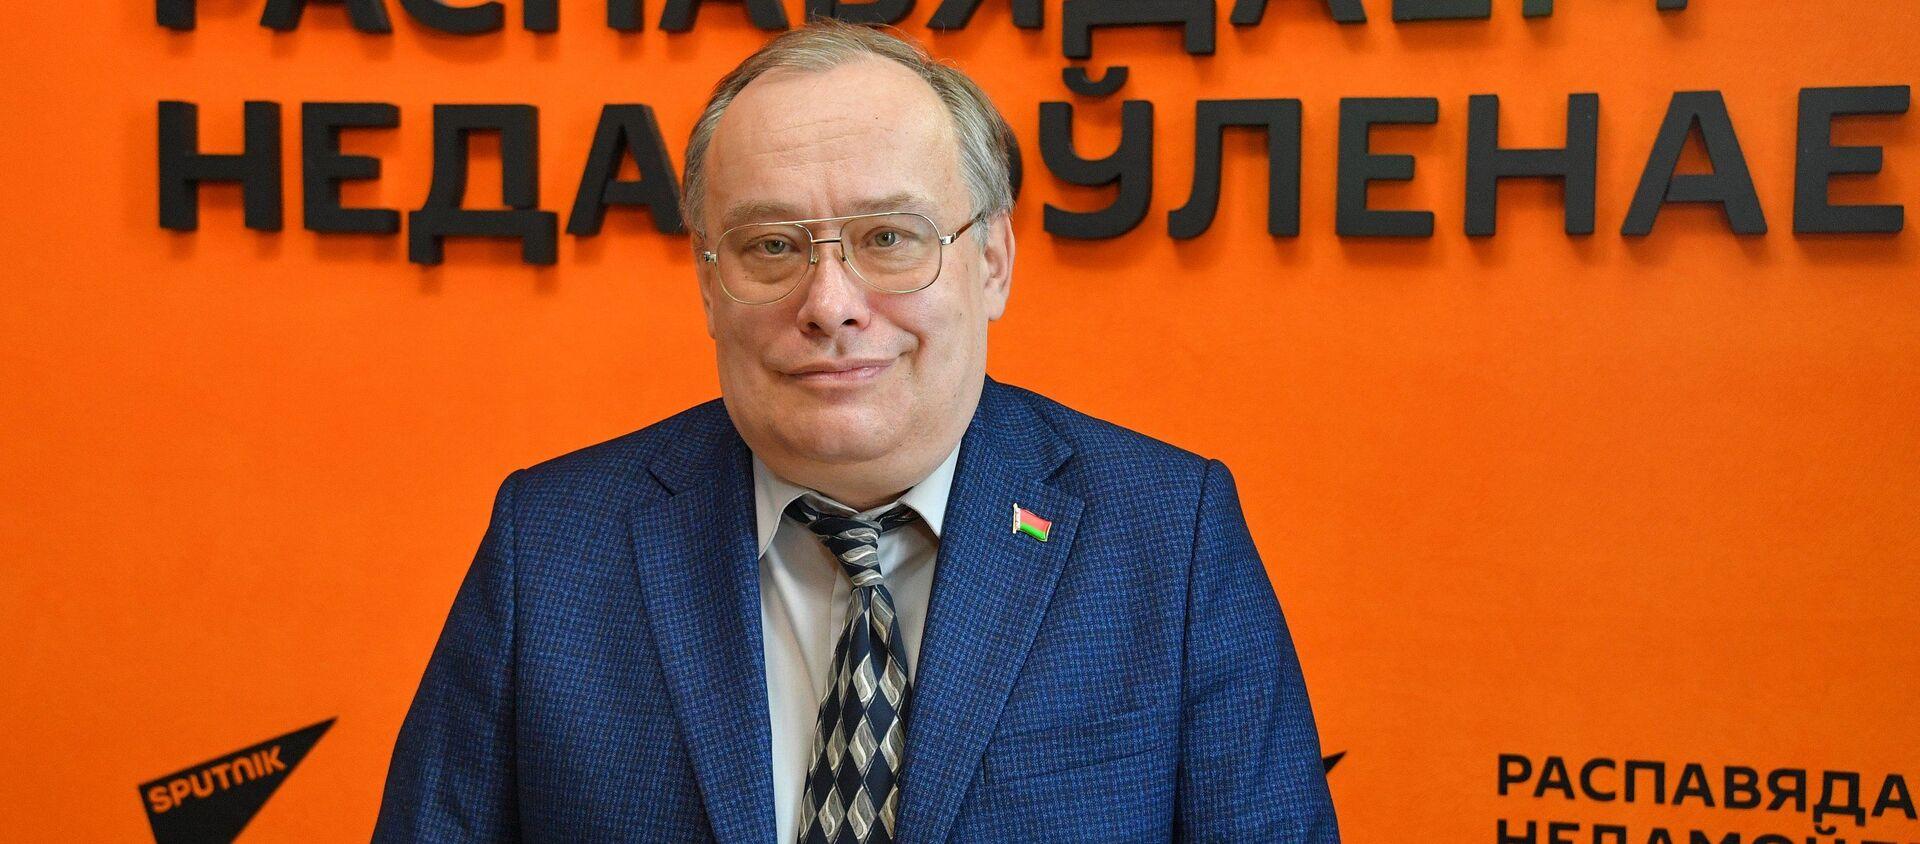 Политический и экономический эксперт Николай Межевич - Sputnik Беларусь, 1920, 07.04.2021